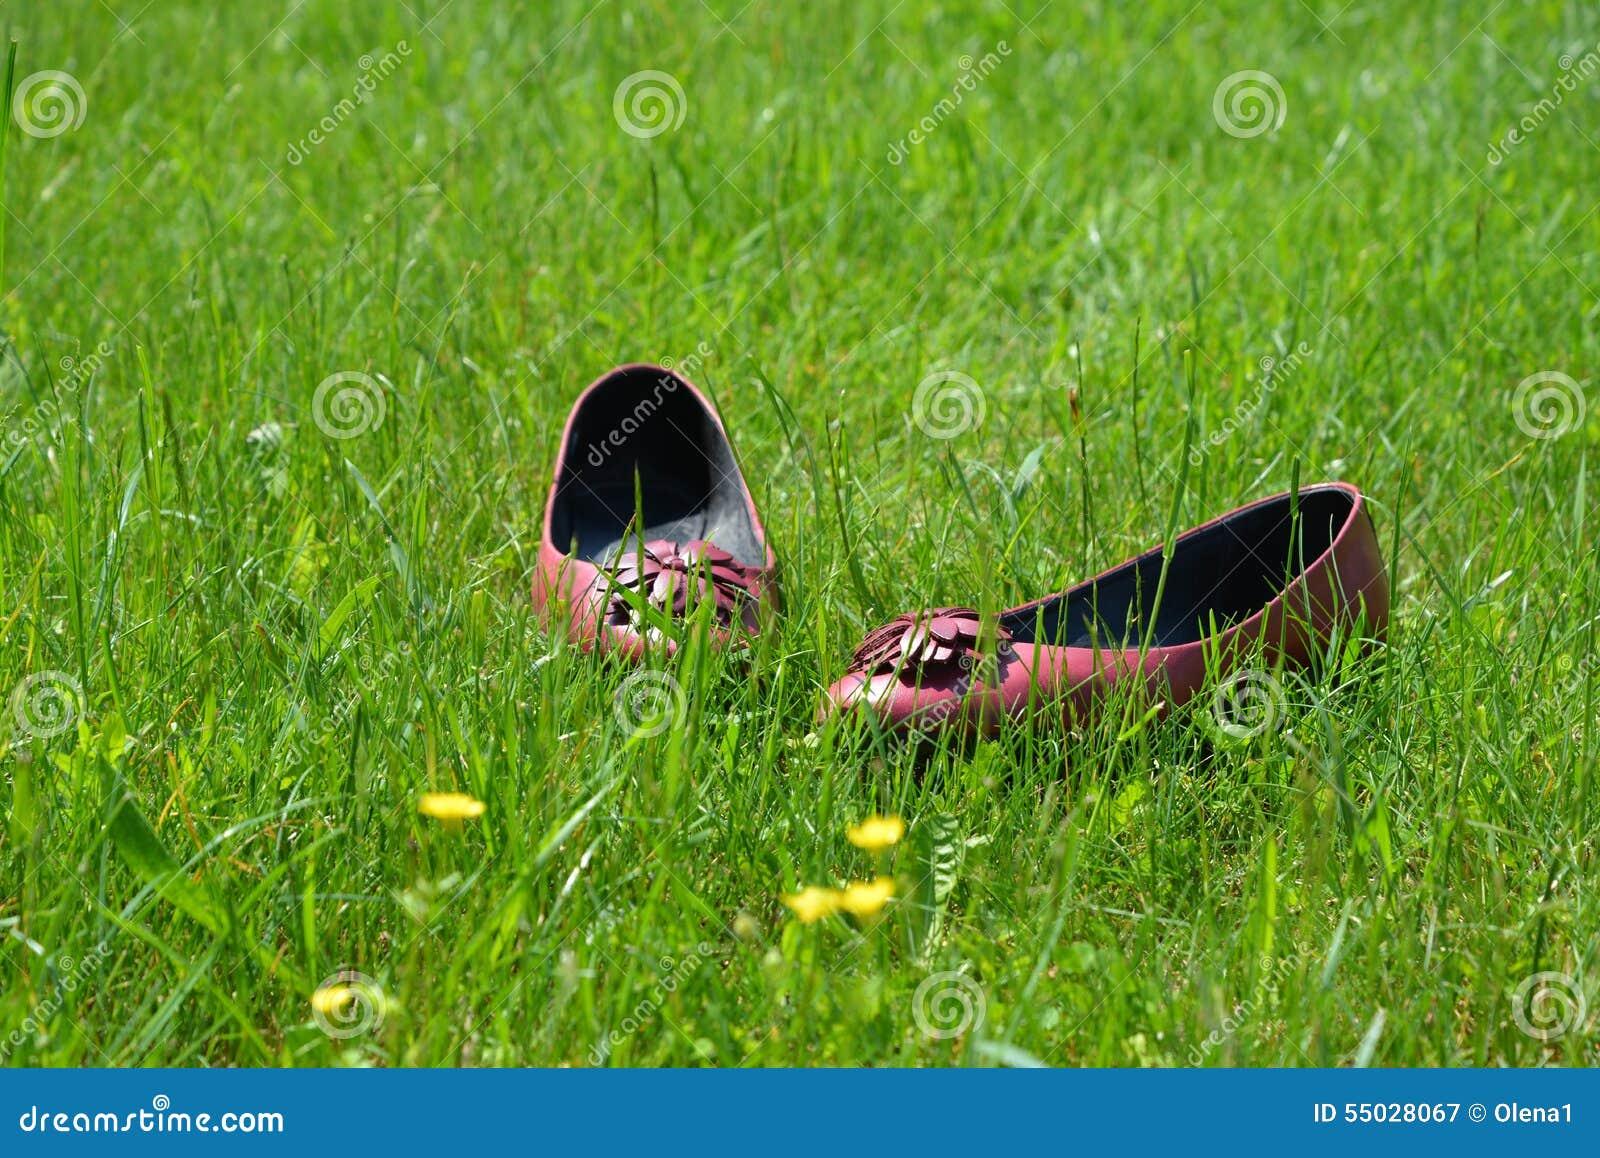 Chaussures plates laissées dans l herbe